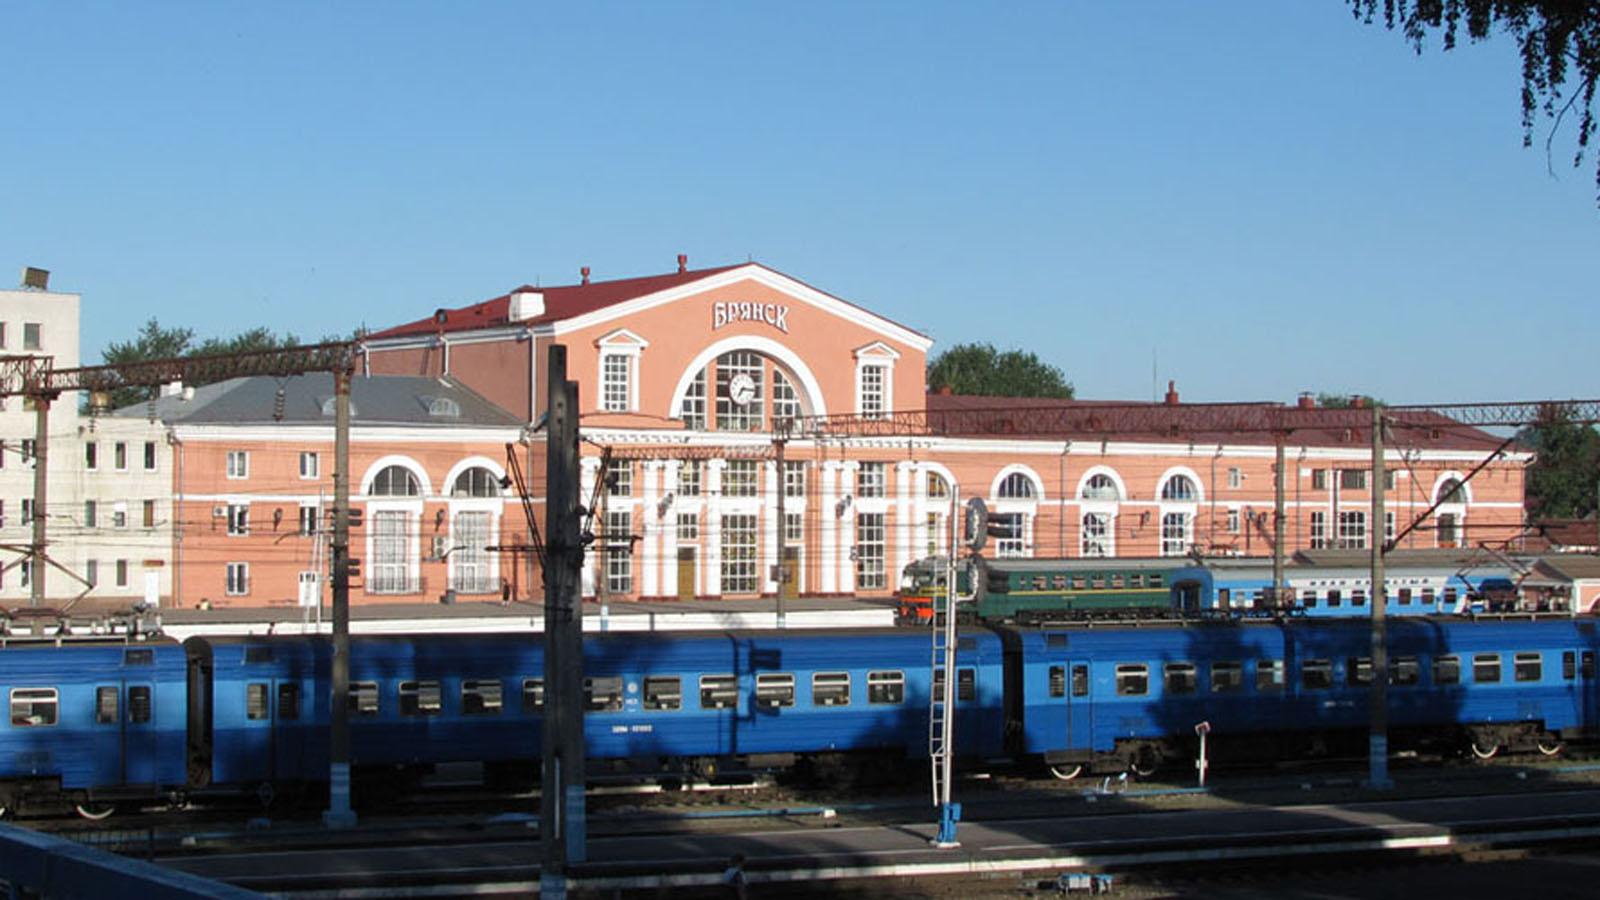 телефон жд вокзала брянск 1 справочная полное наименование пао сбербанк иркутск